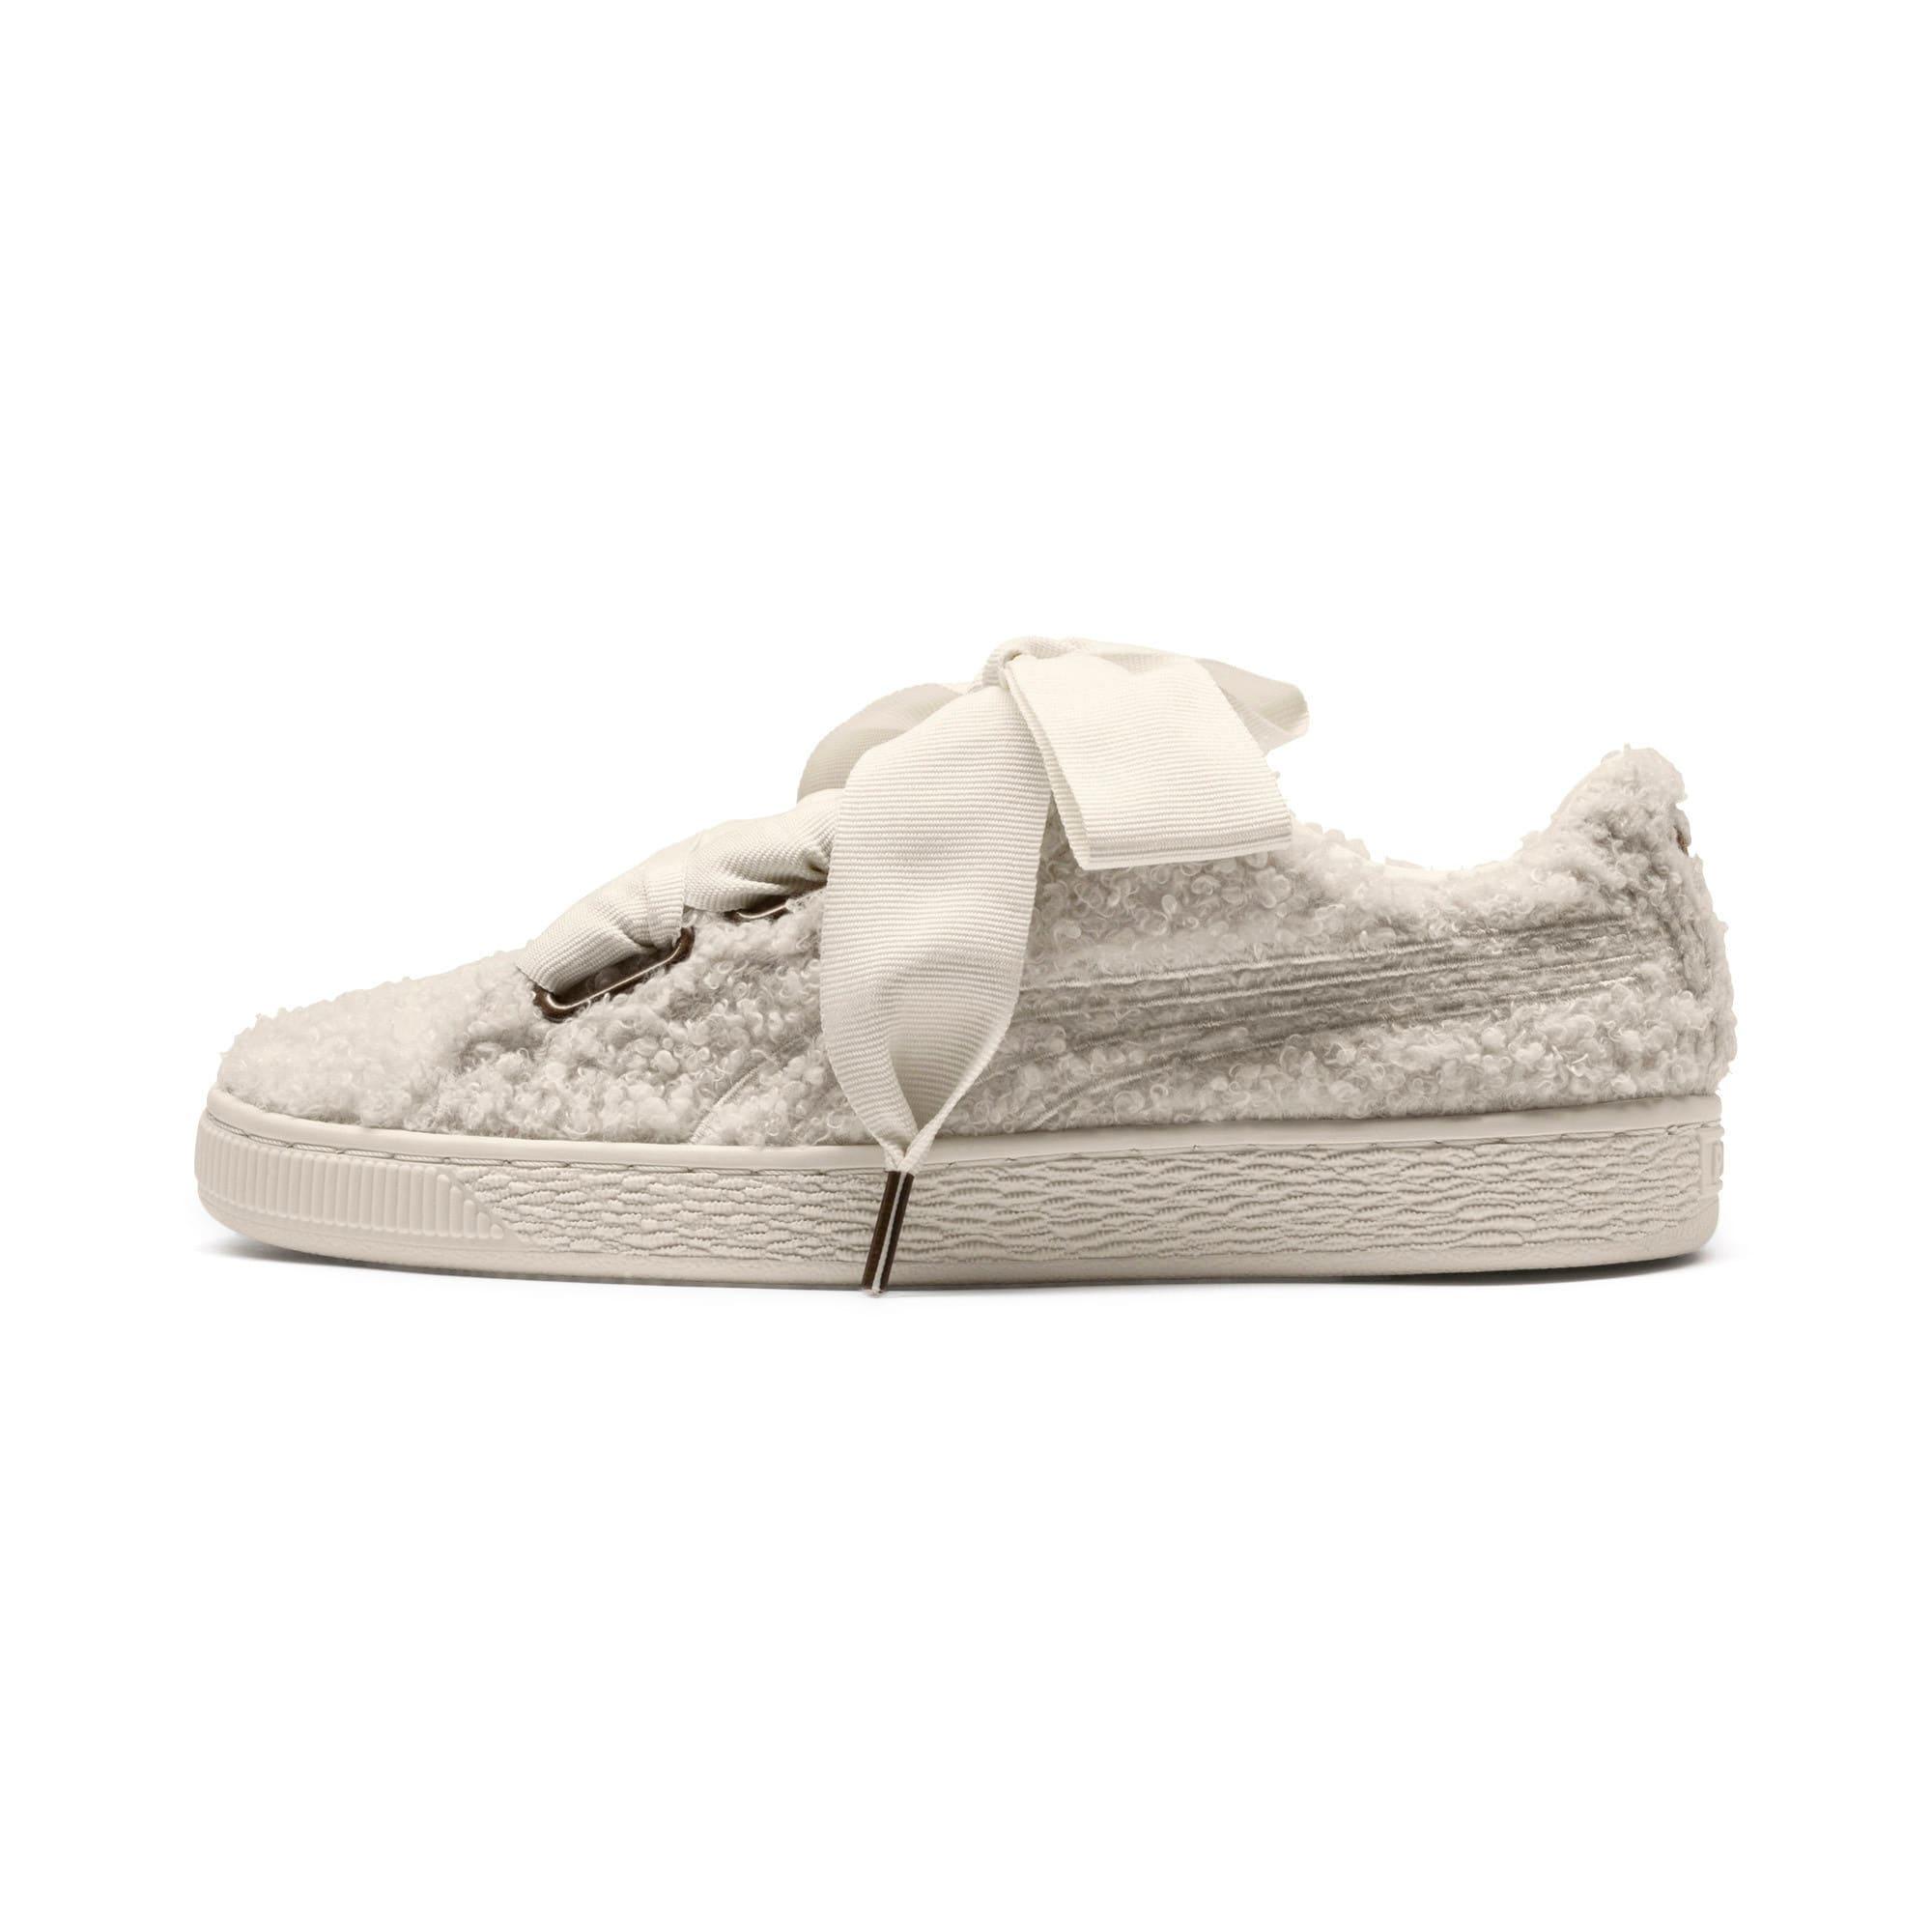 online store 8cd54 273f7 Basket Heart Teddy Women's Sneakers